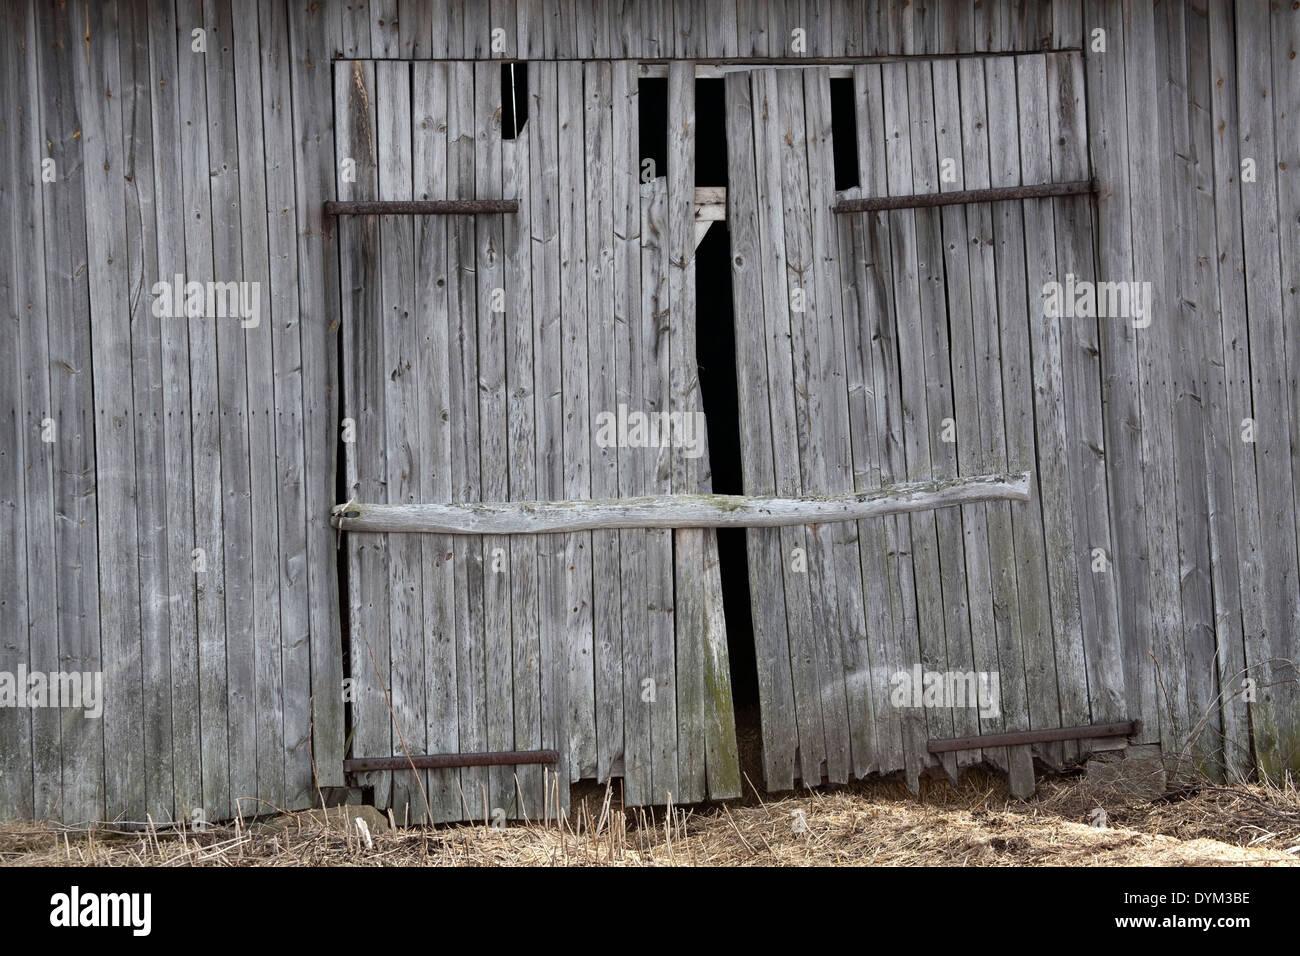 Old Barn Door, Finland